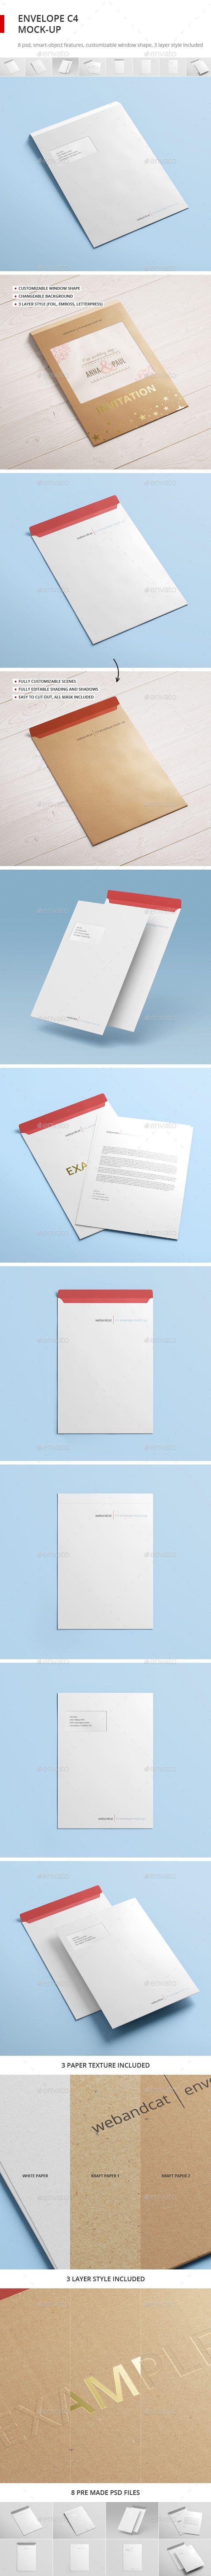 Envelope C4 Mock-up (Stationery)